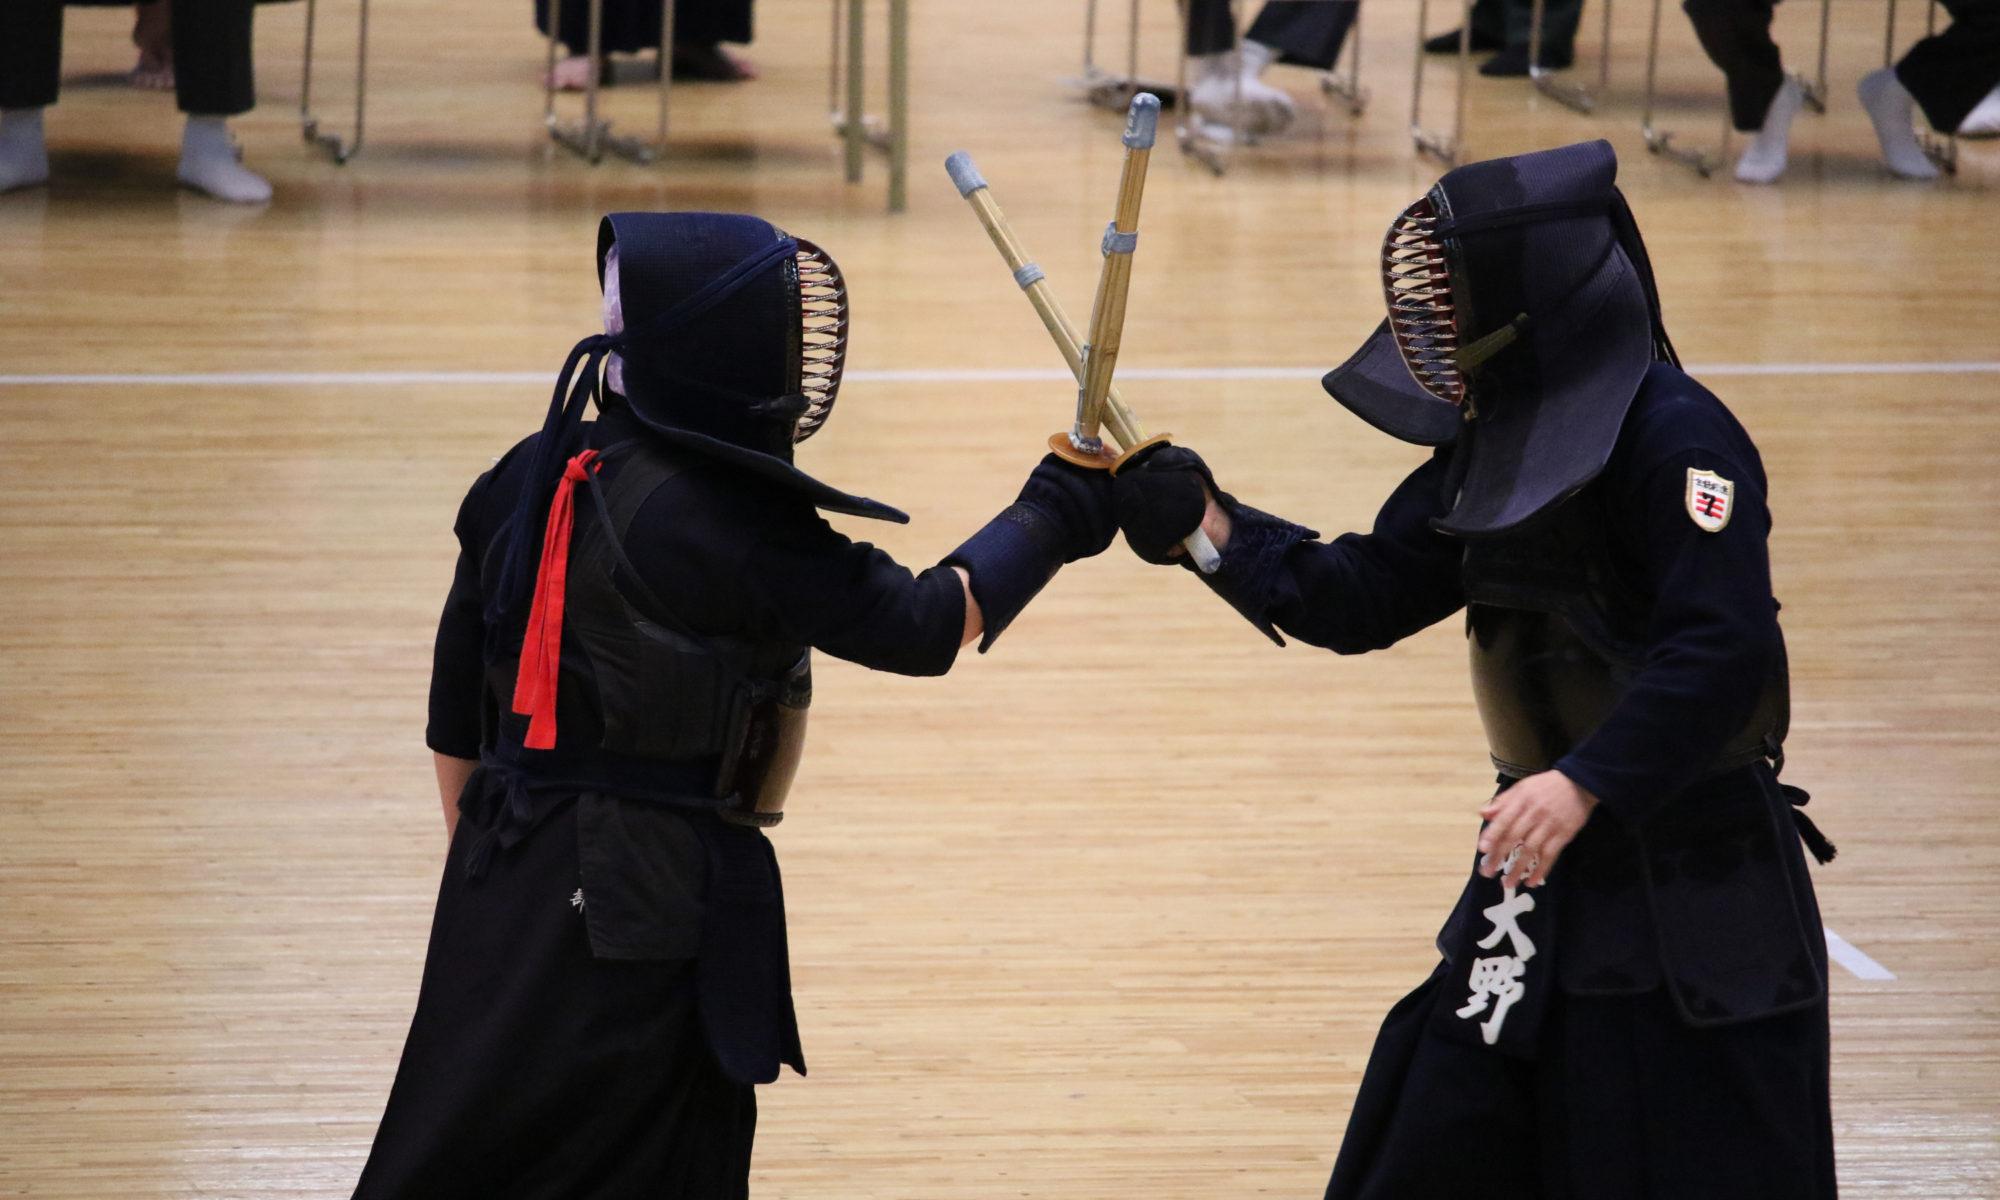 全日本単剣道大会